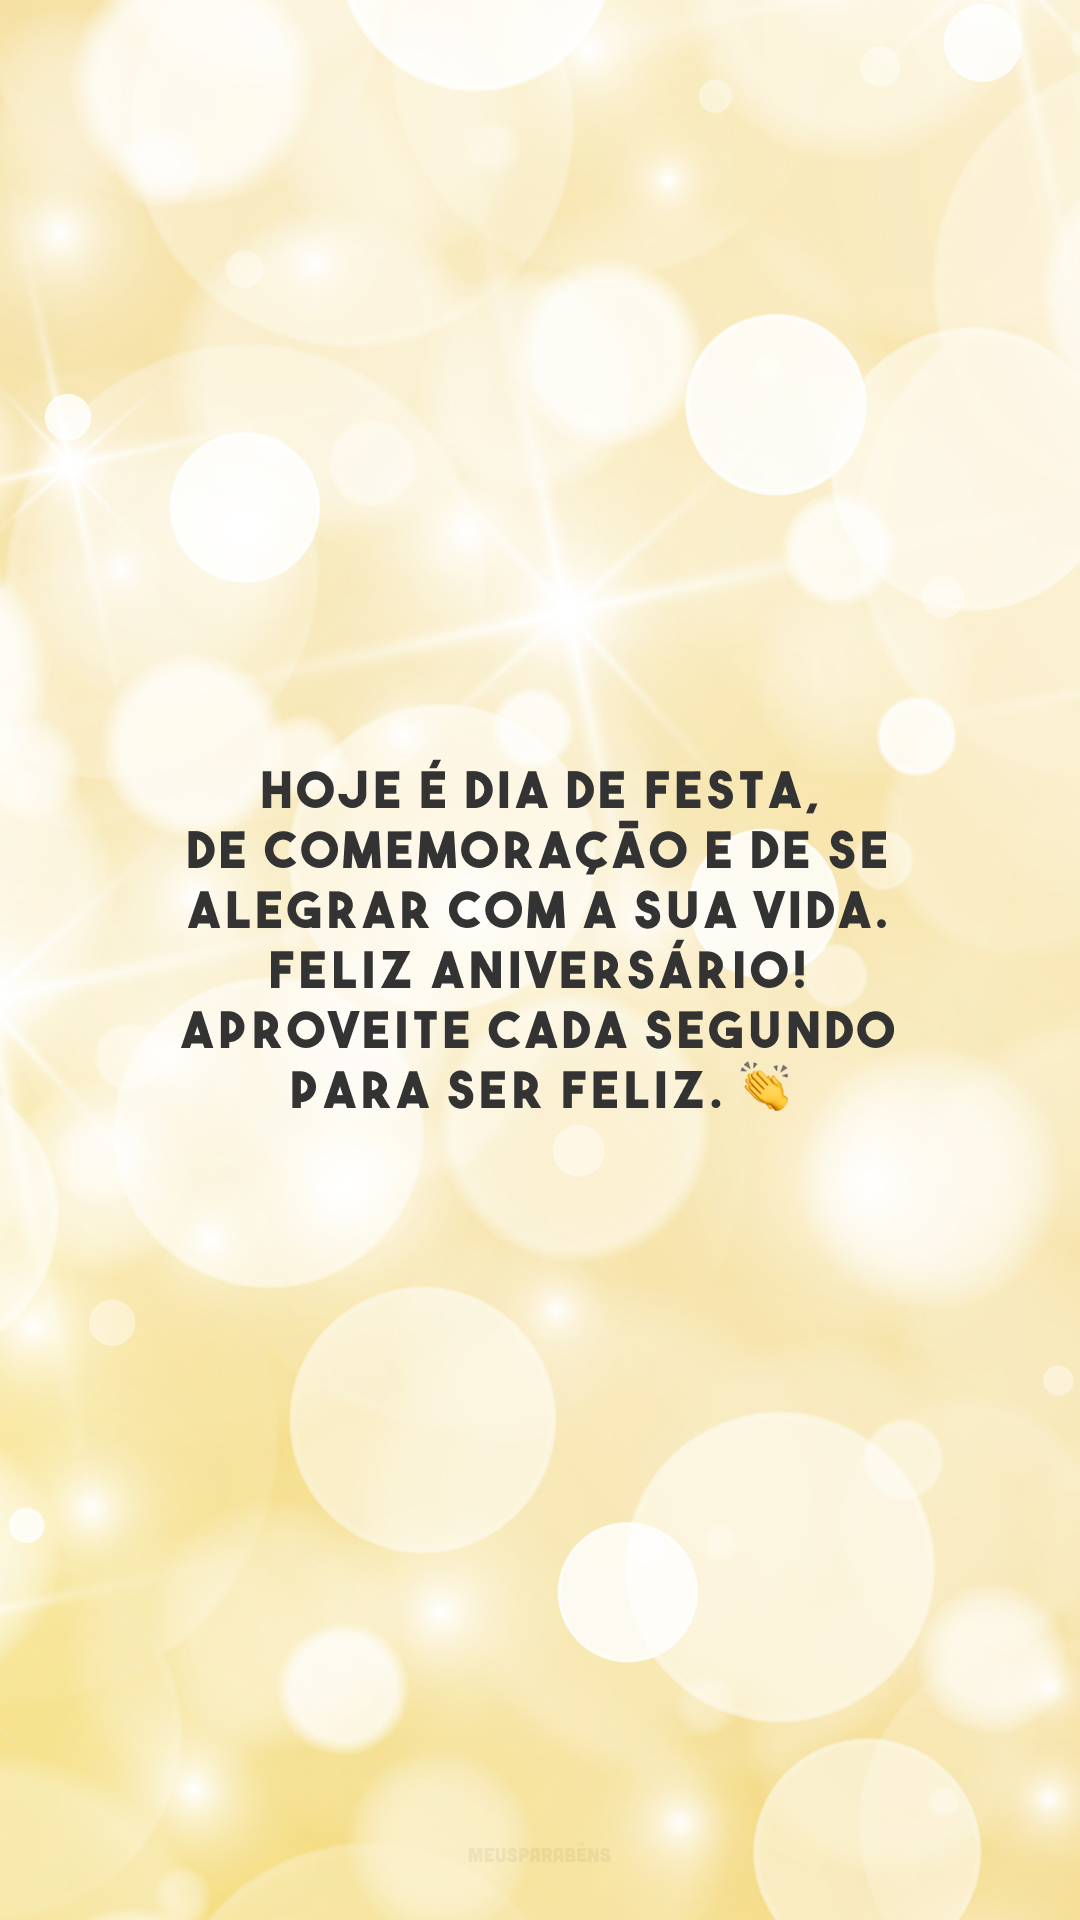 Hoje é dia de festa, de comemoração e de se alegrar com a sua vida. Feliz aniversário! Aproveite cada segundo para ser feliz. 👏